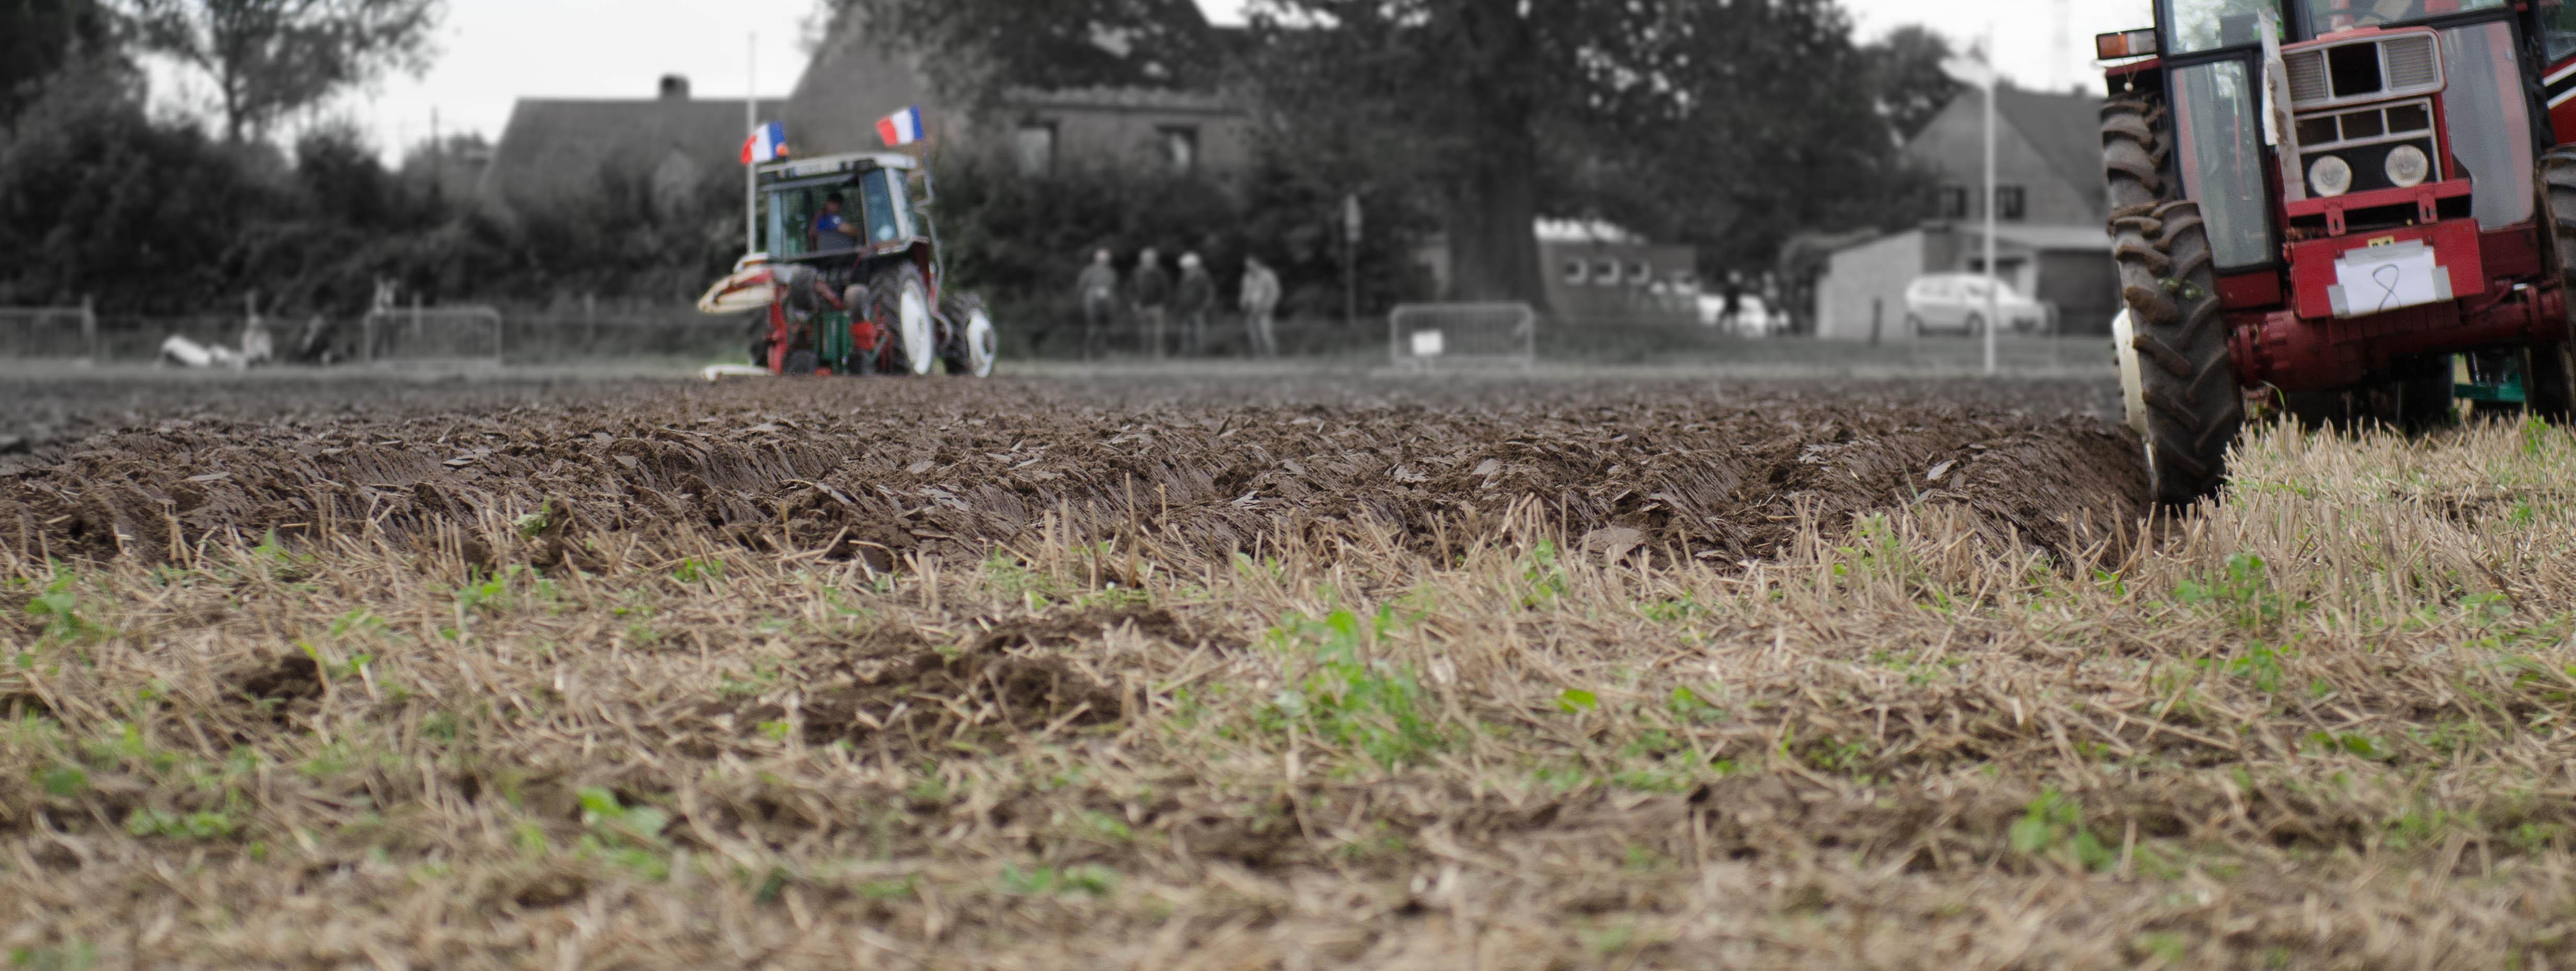 European Reversible Ploughing Championship 2014